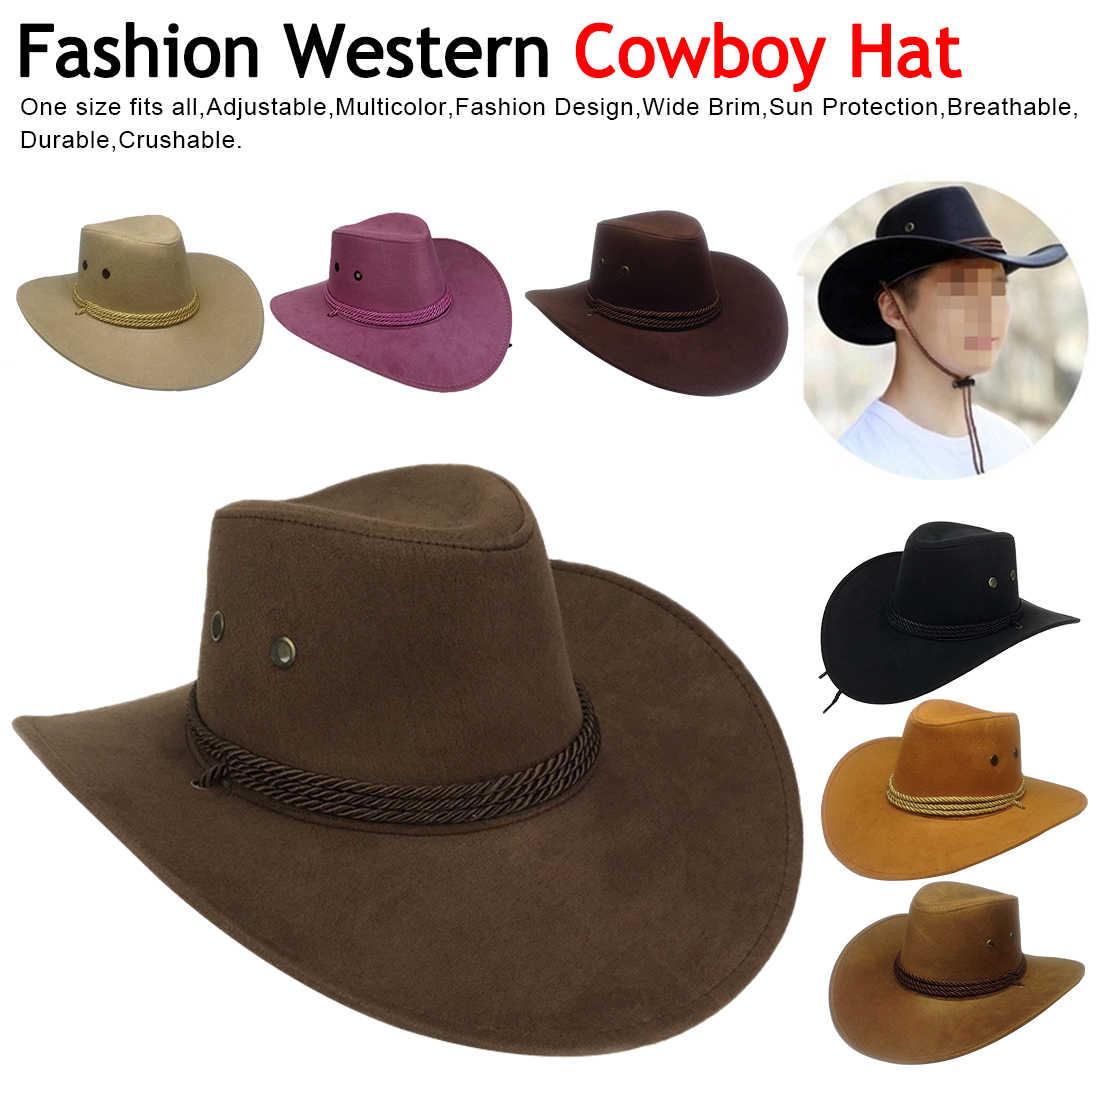 fae803bb1 Fashion Western Cowboy Hat Tourist Cap Outdoor Wide Brim Jazz hat Suede  outdoor sun hat 2019 new Unisex